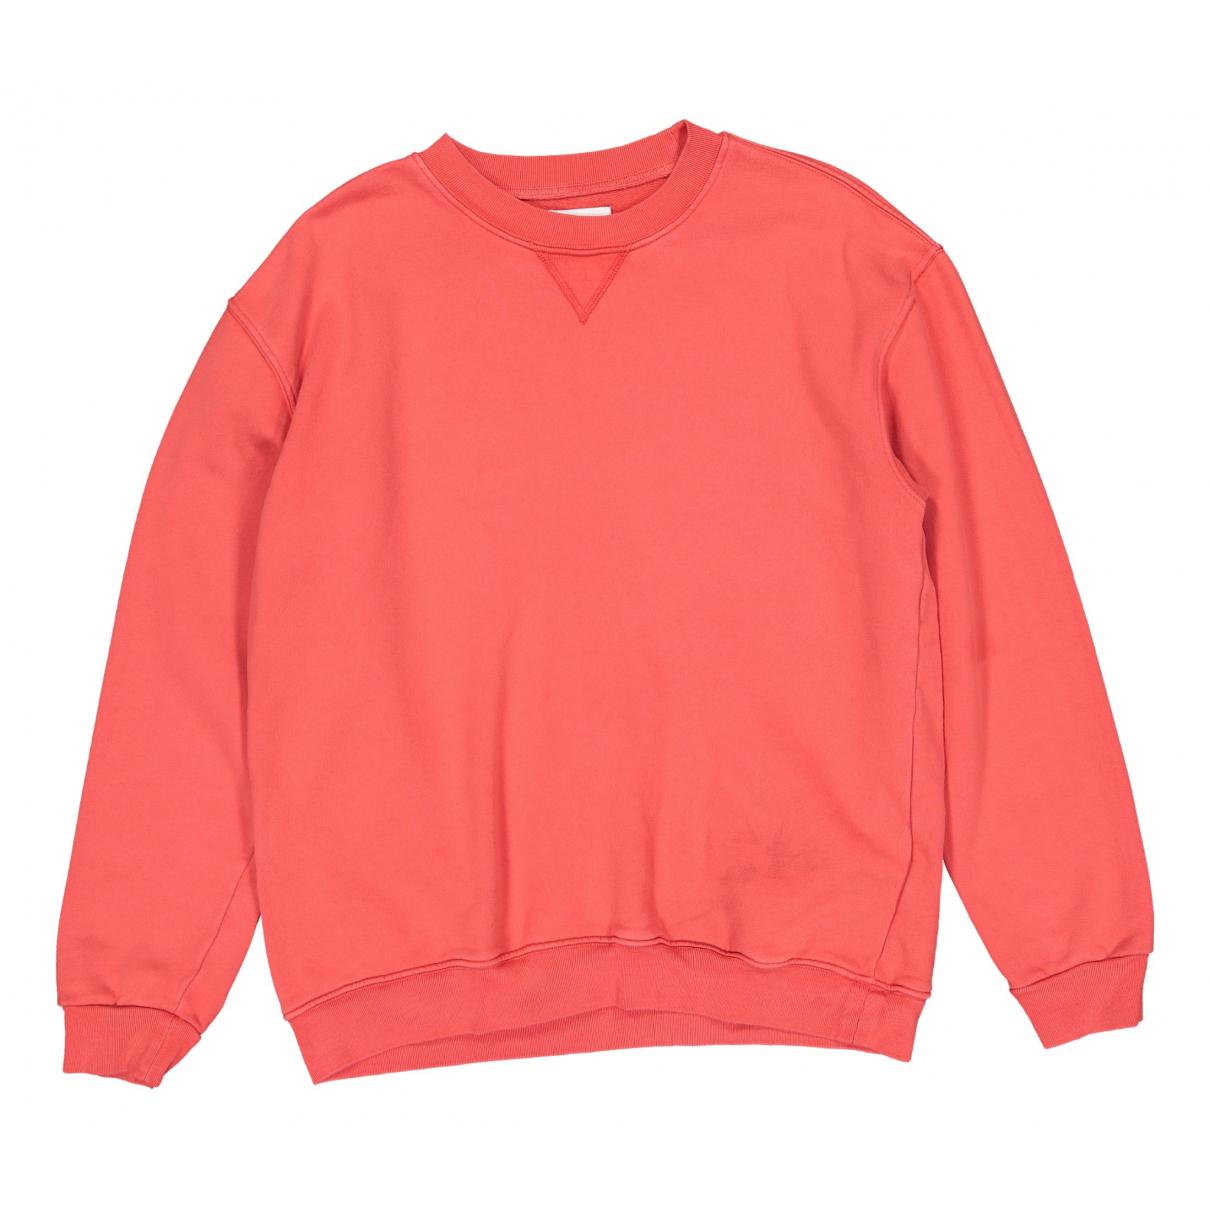 Anine Bing - Pull   pour femme en coton - rouge